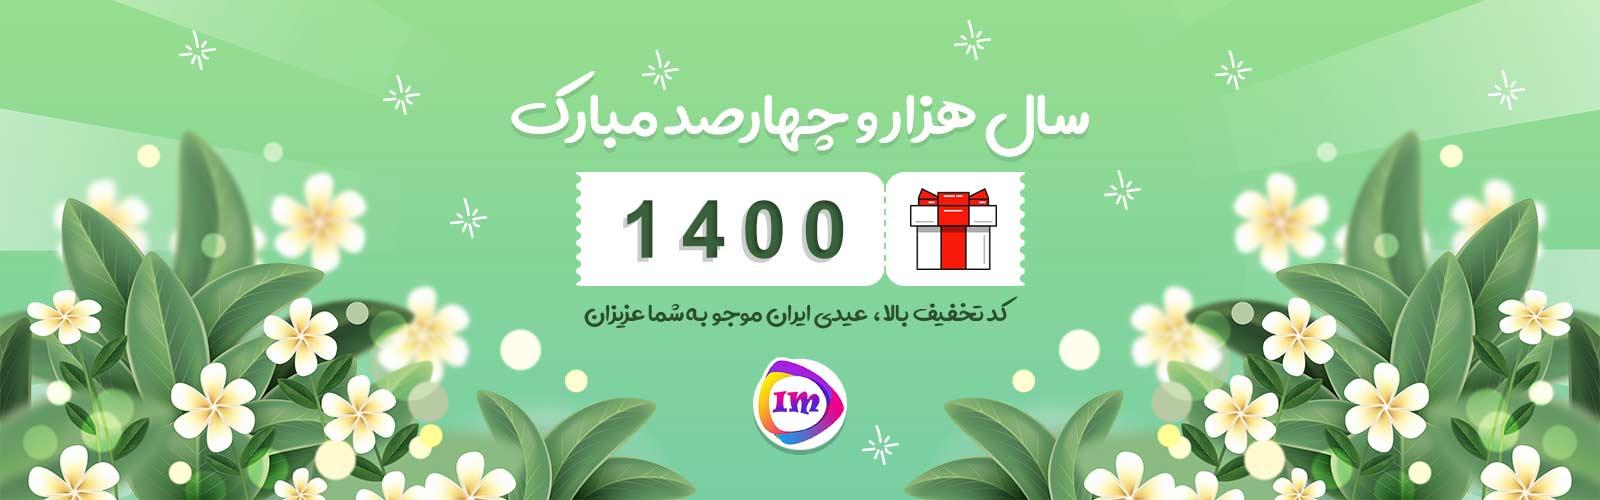 سال 1400 با ایران موجو